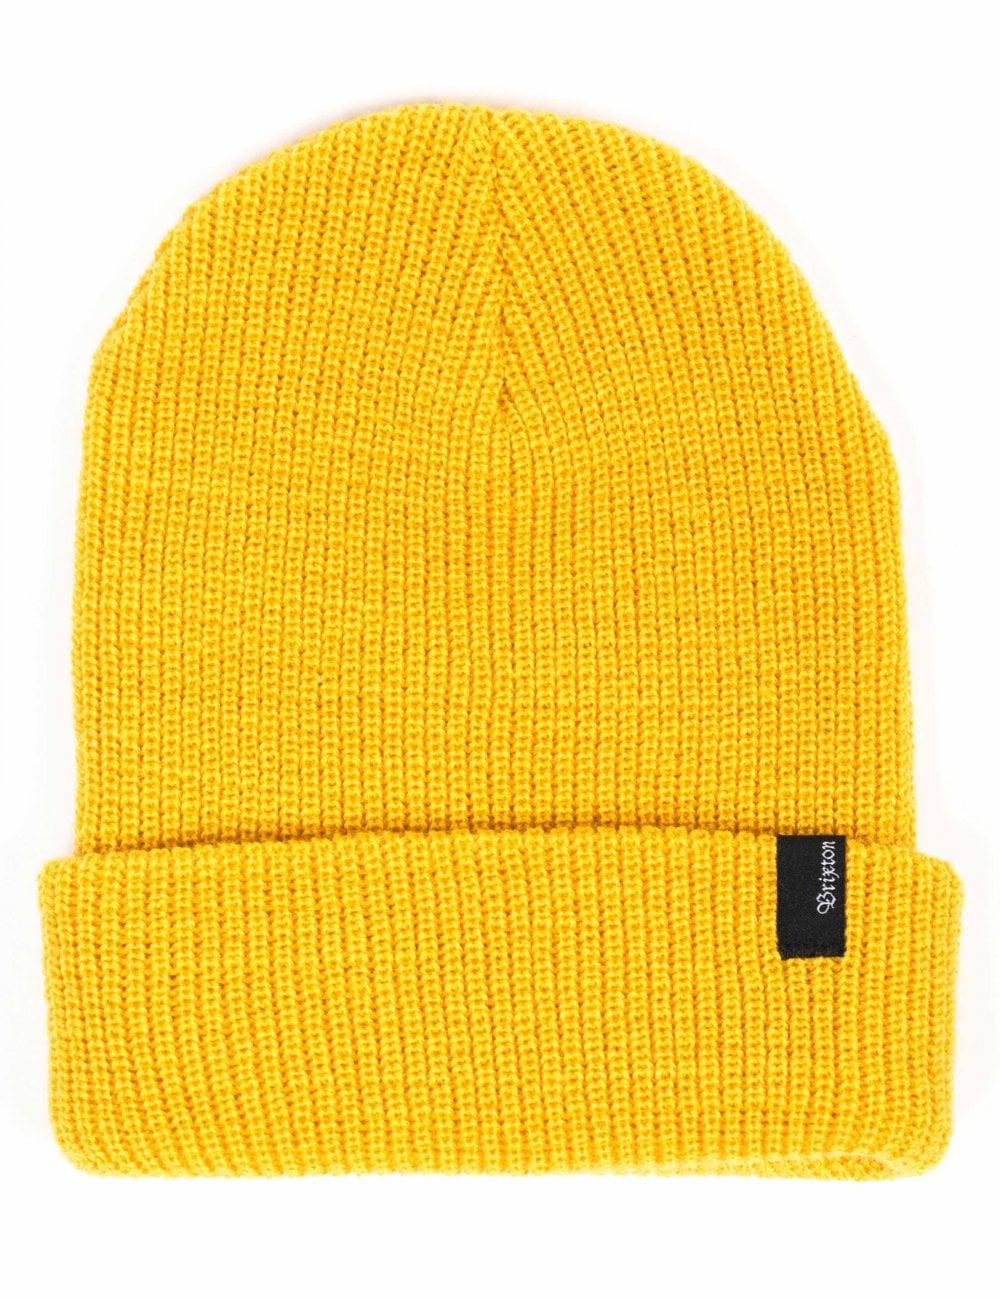 7727f9372 Heist Beanie Hat - Mustard